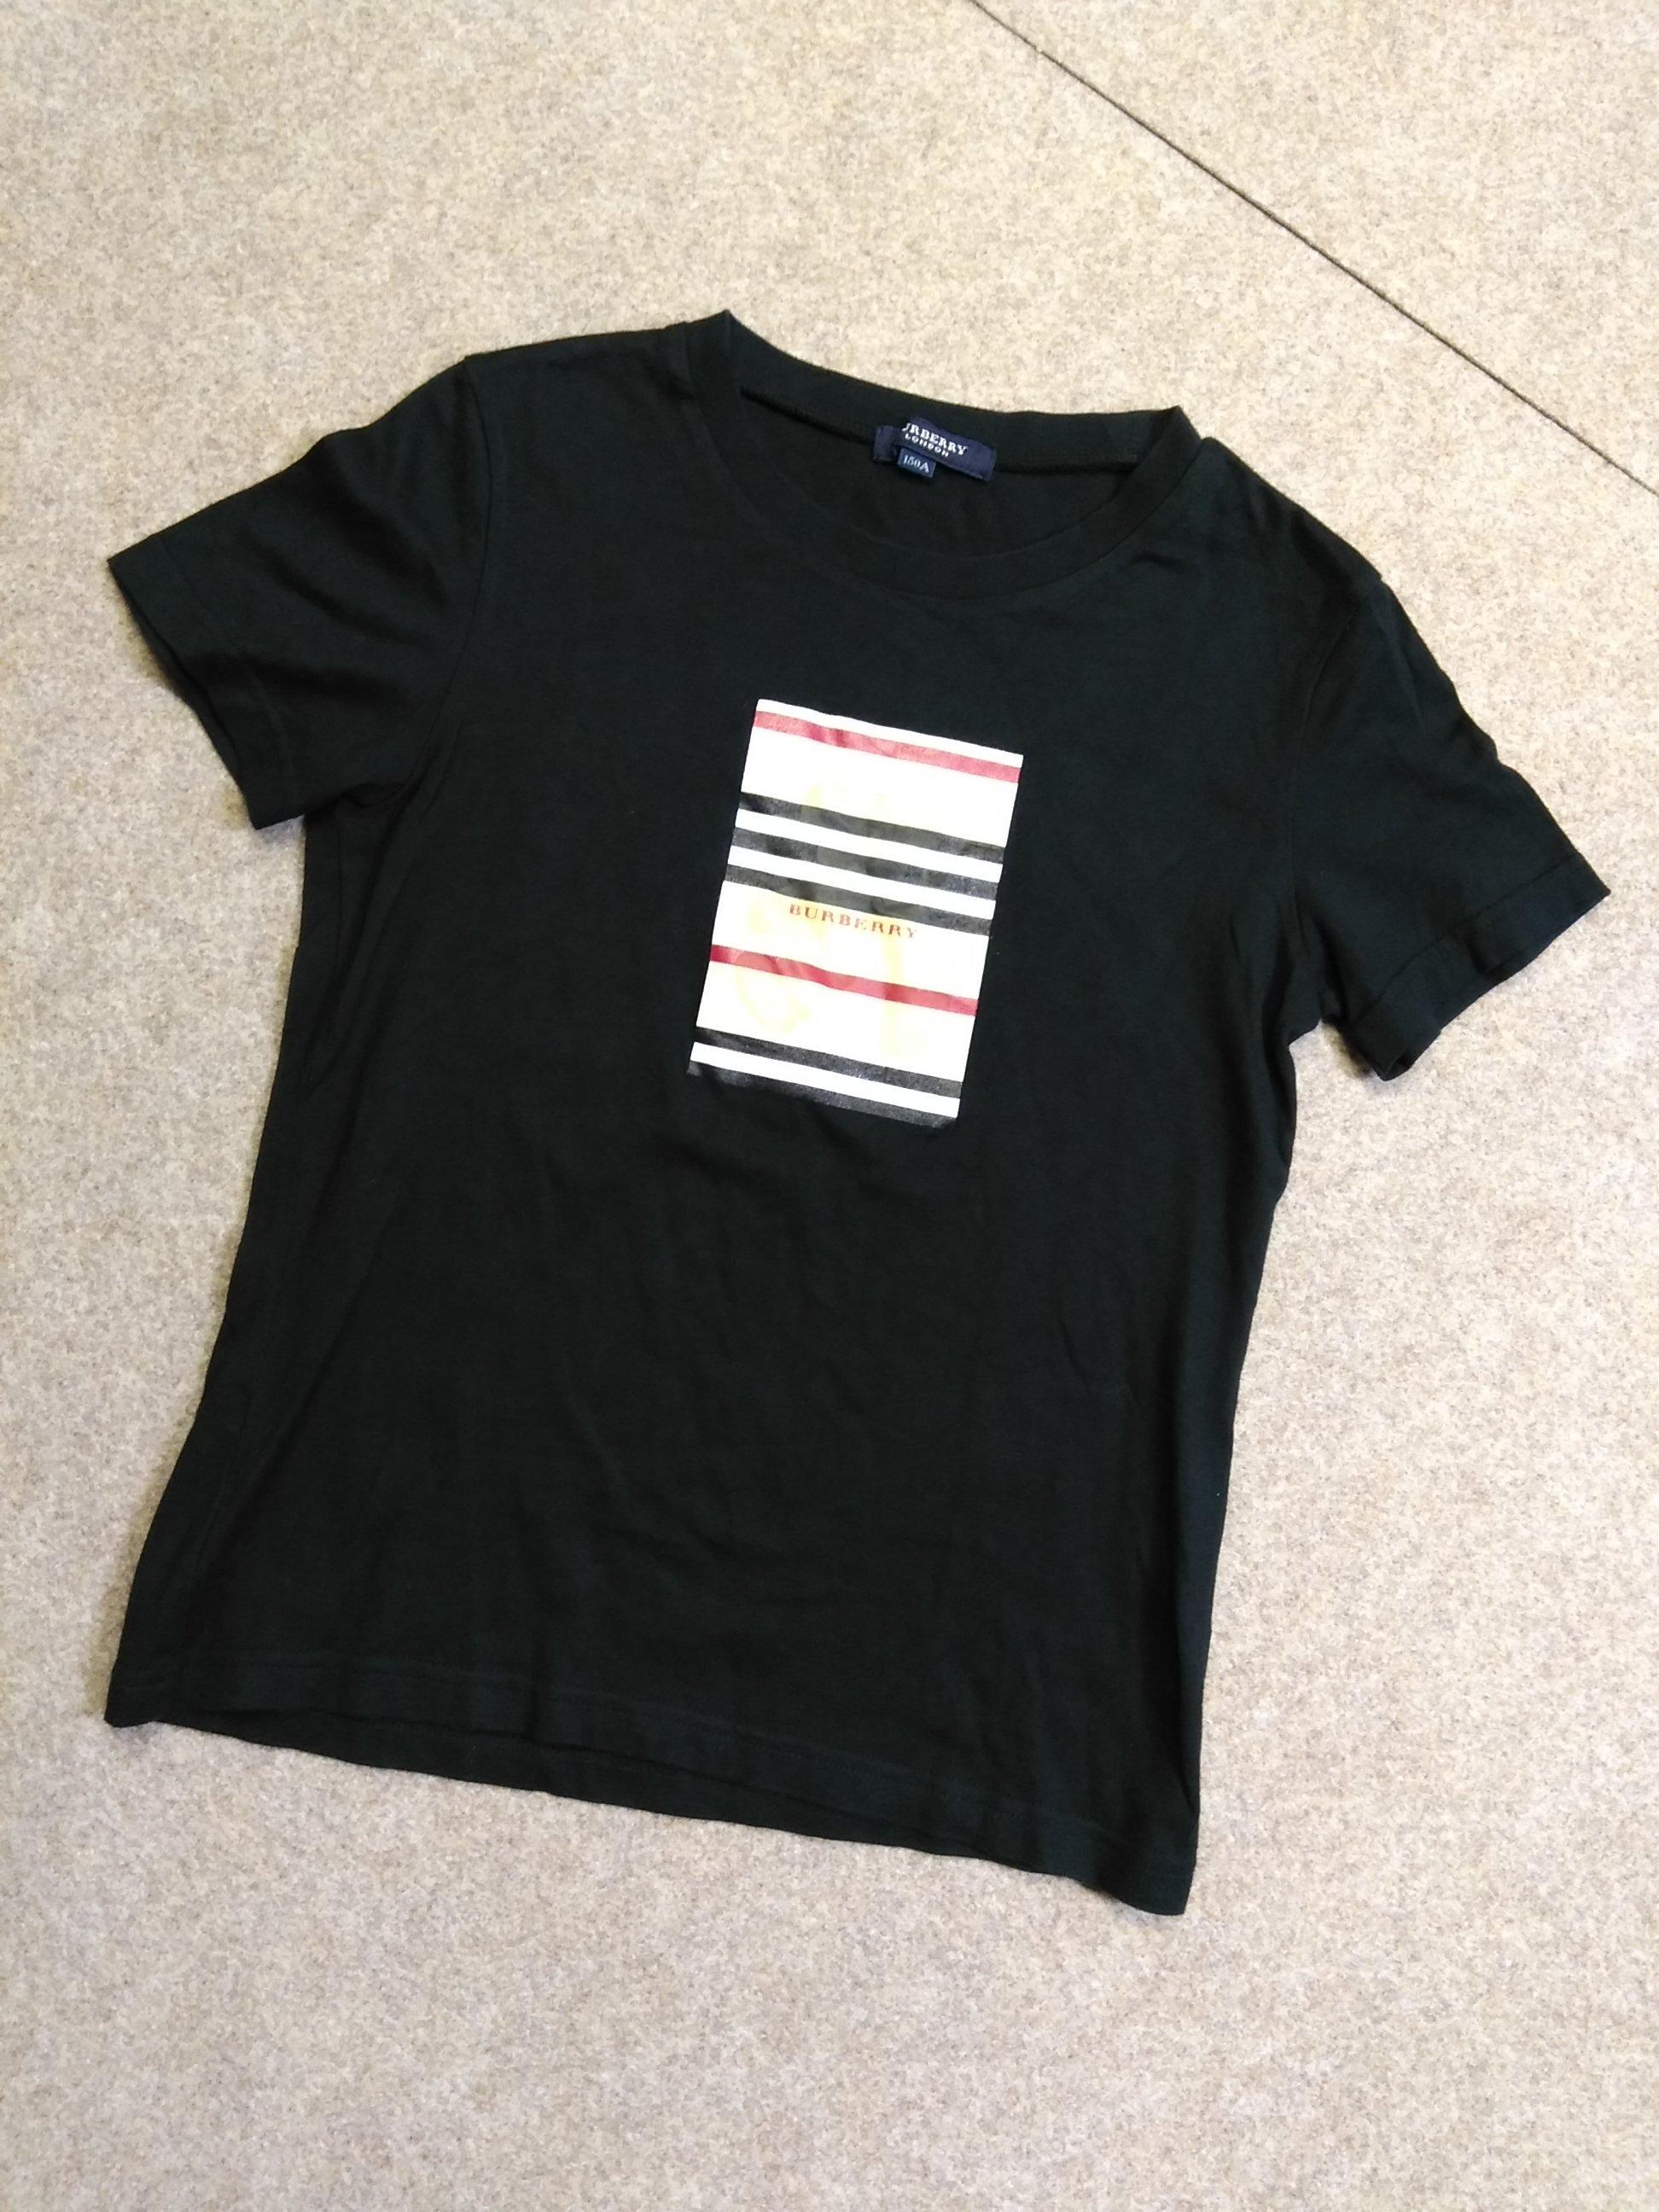 バーバリー BURBERRY Tシャツ キッズ 150A 黒 熊 mh735e